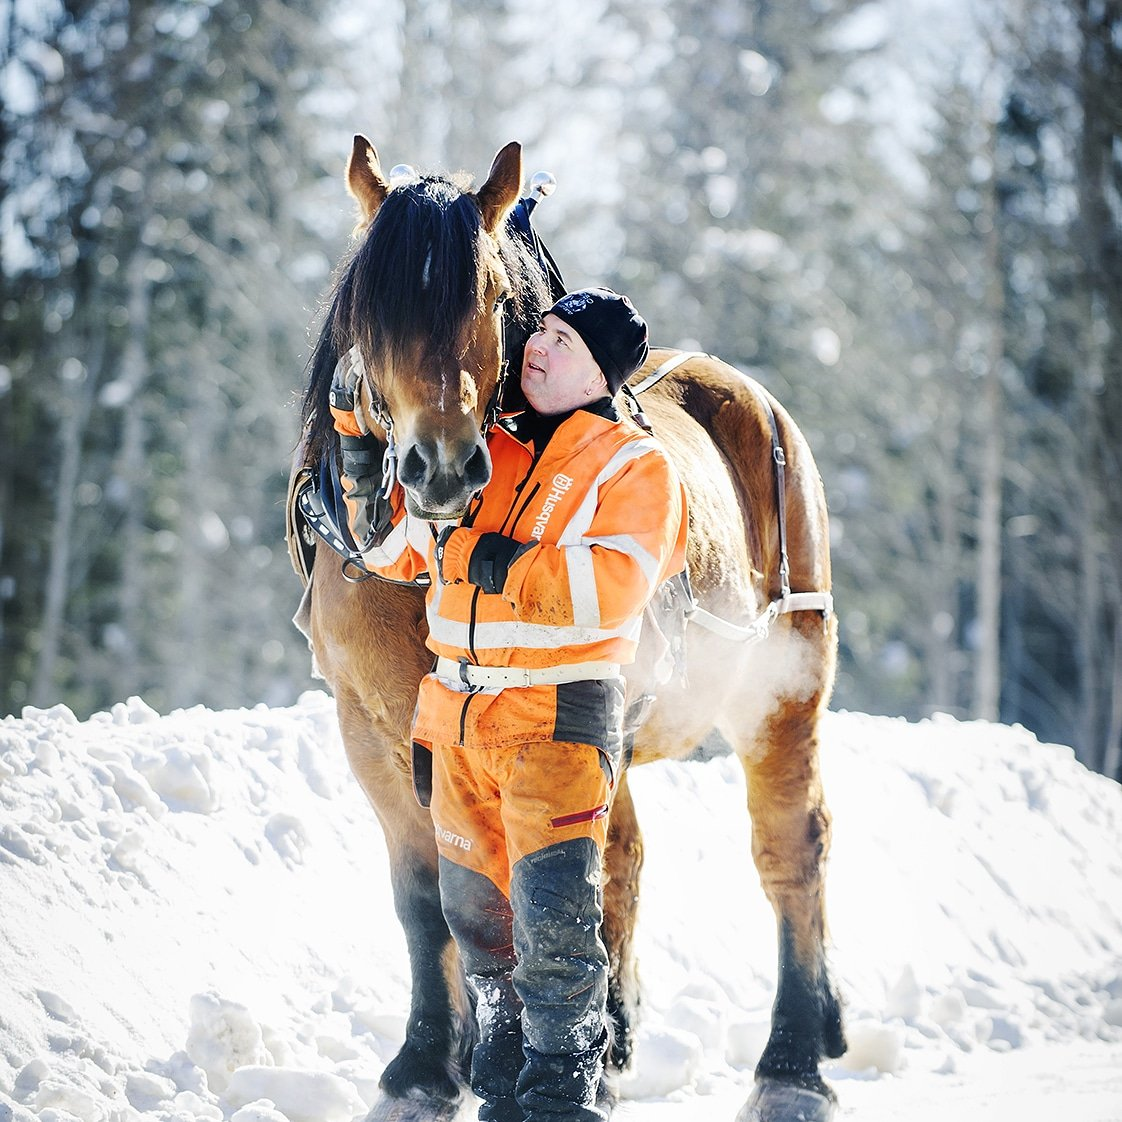 Man i varselkläder och mössa står bredvid och håller i sin häst i ett snöigt skogslandskap. Det är kallt, utandningsluften syns från hästen